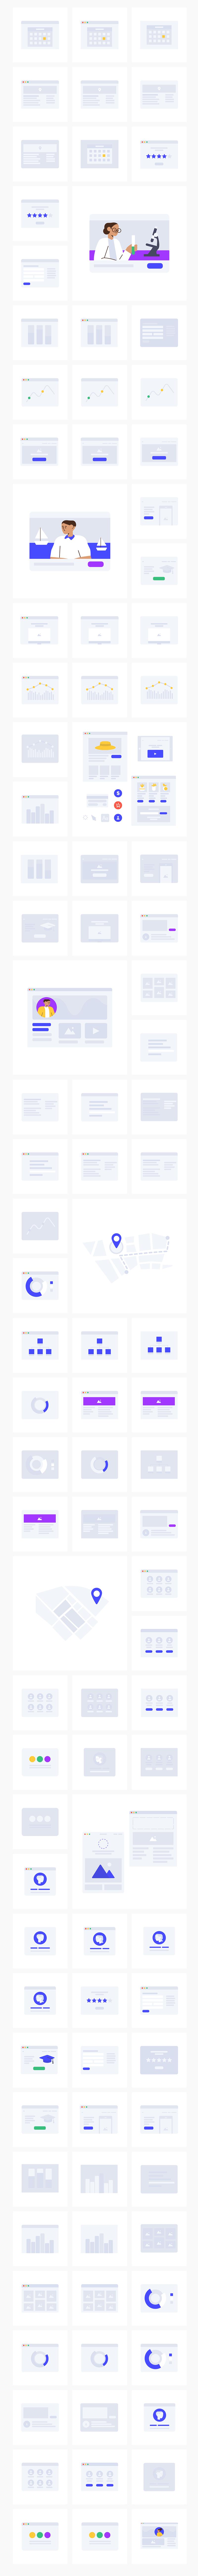 270+人物场景插图库,Figma Sketch SVG 源文件